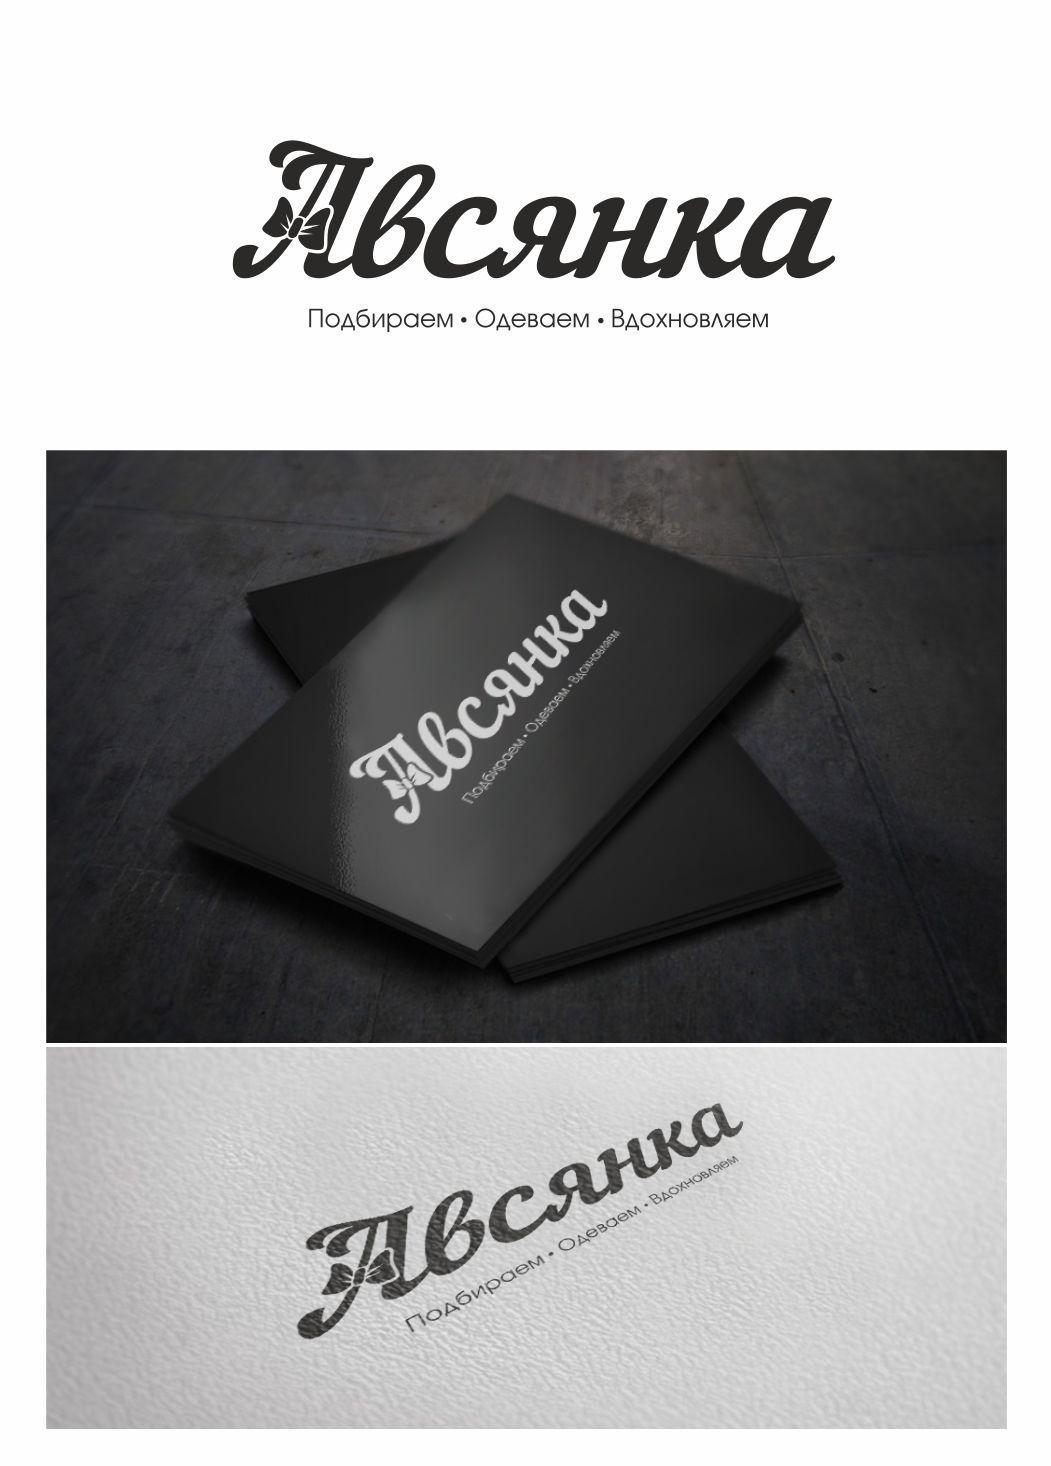 Лого и фирм. стиль для услуг стилистов - дизайнер krisSstal